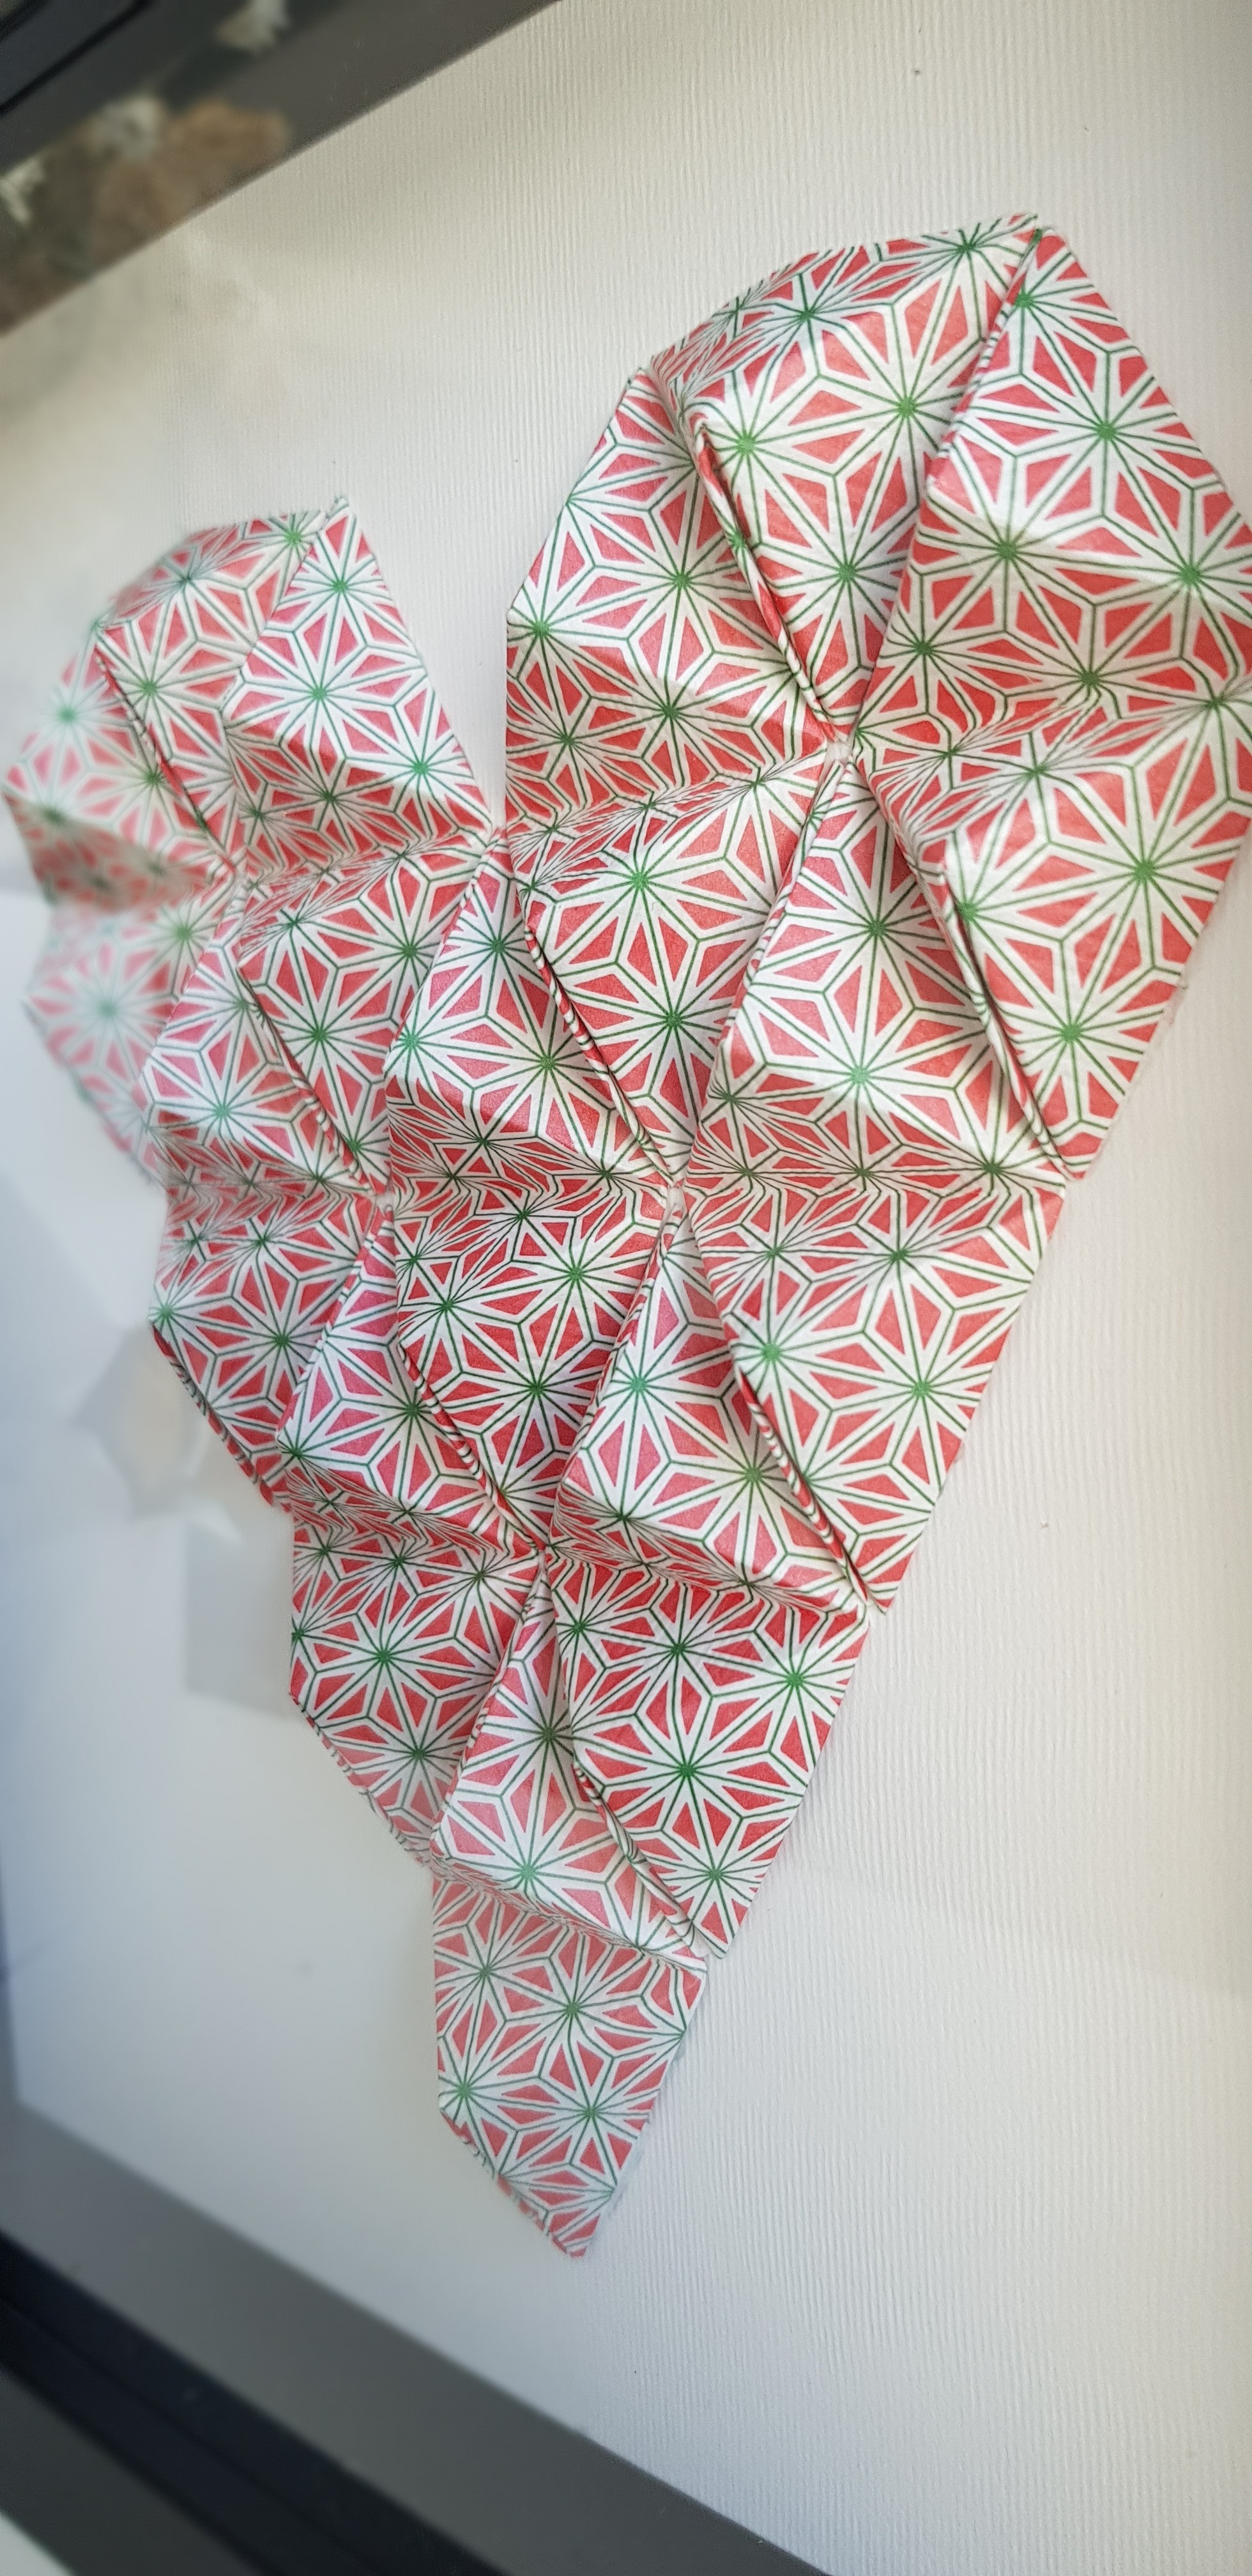 Papier motif géométrique